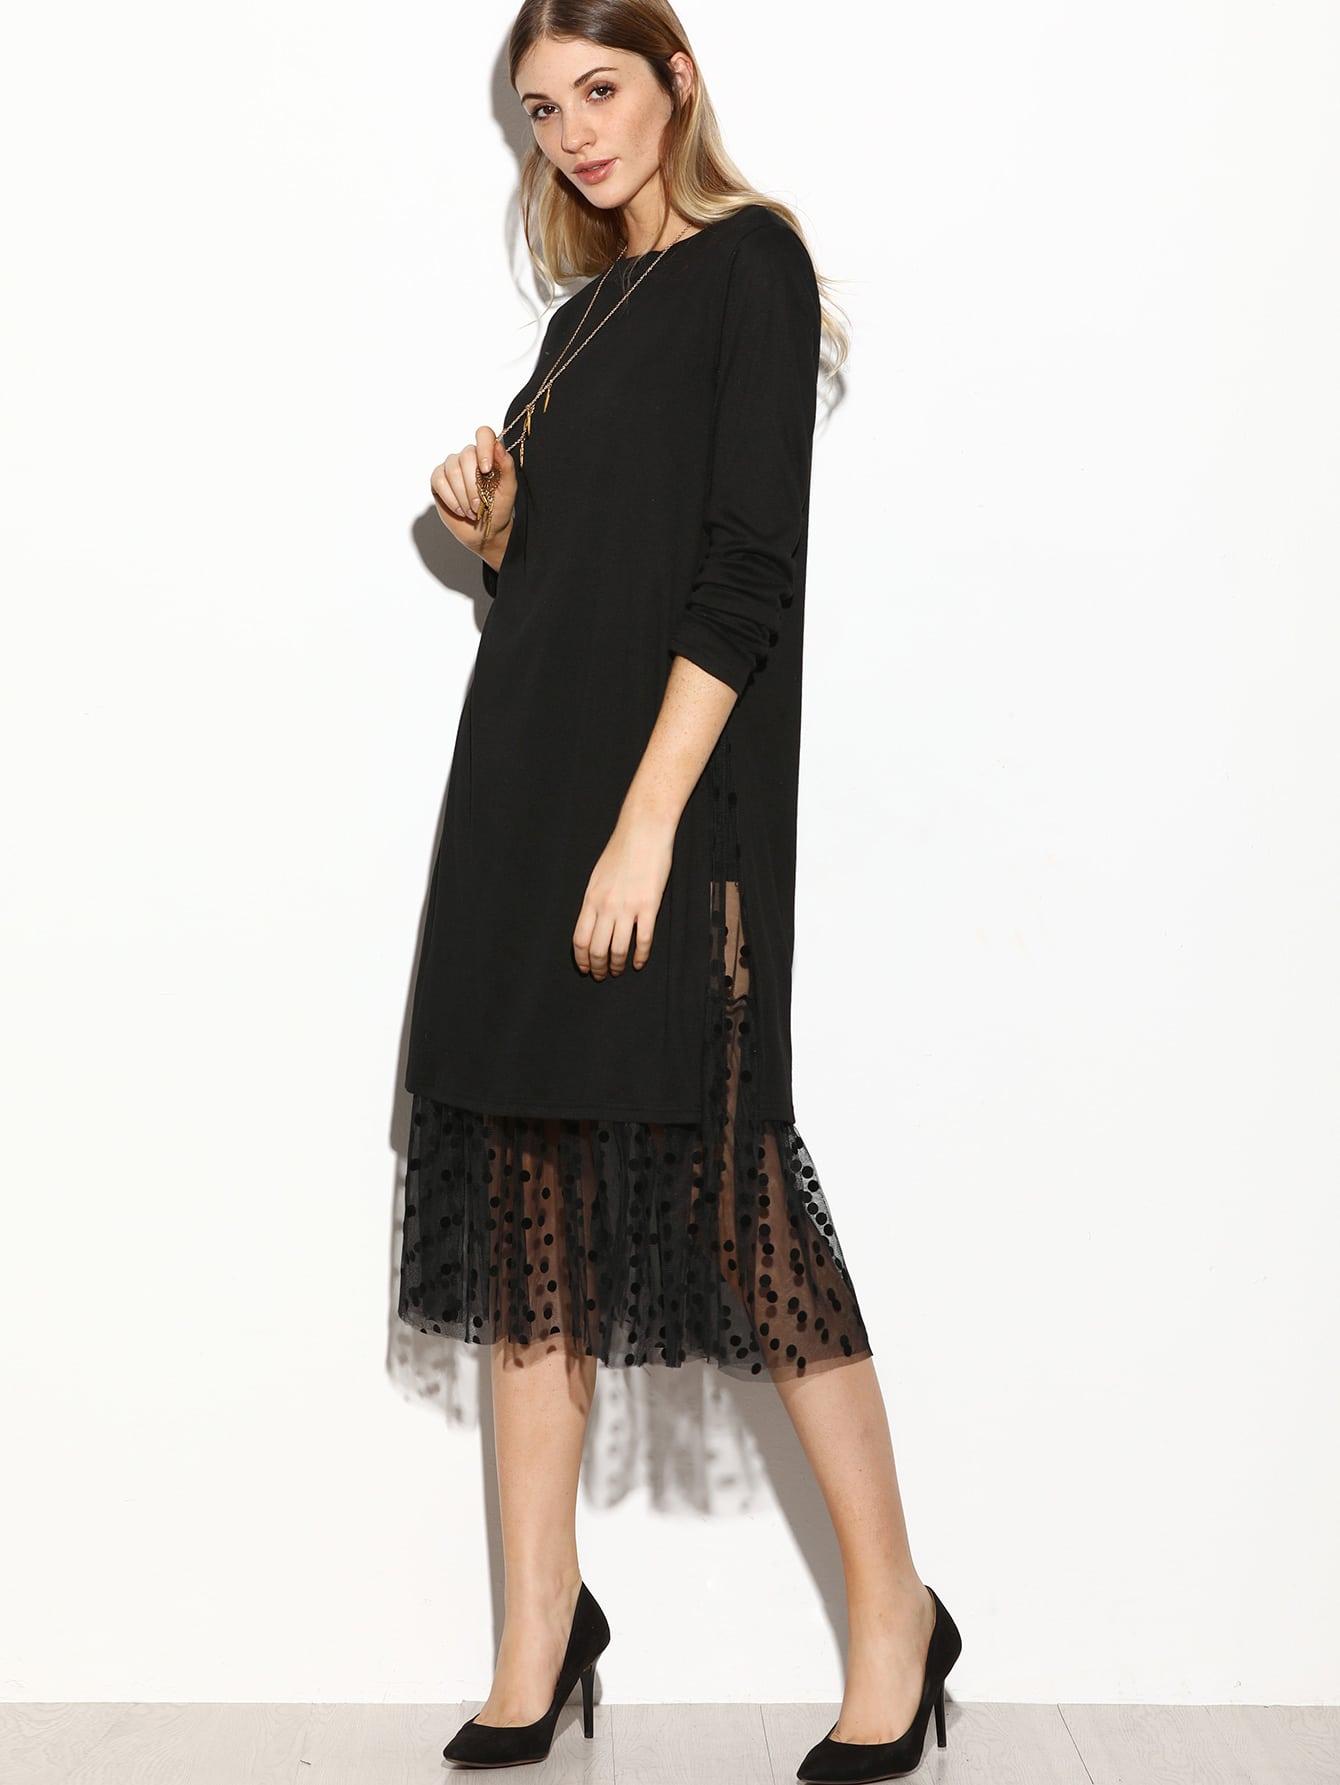 dress161103101_2